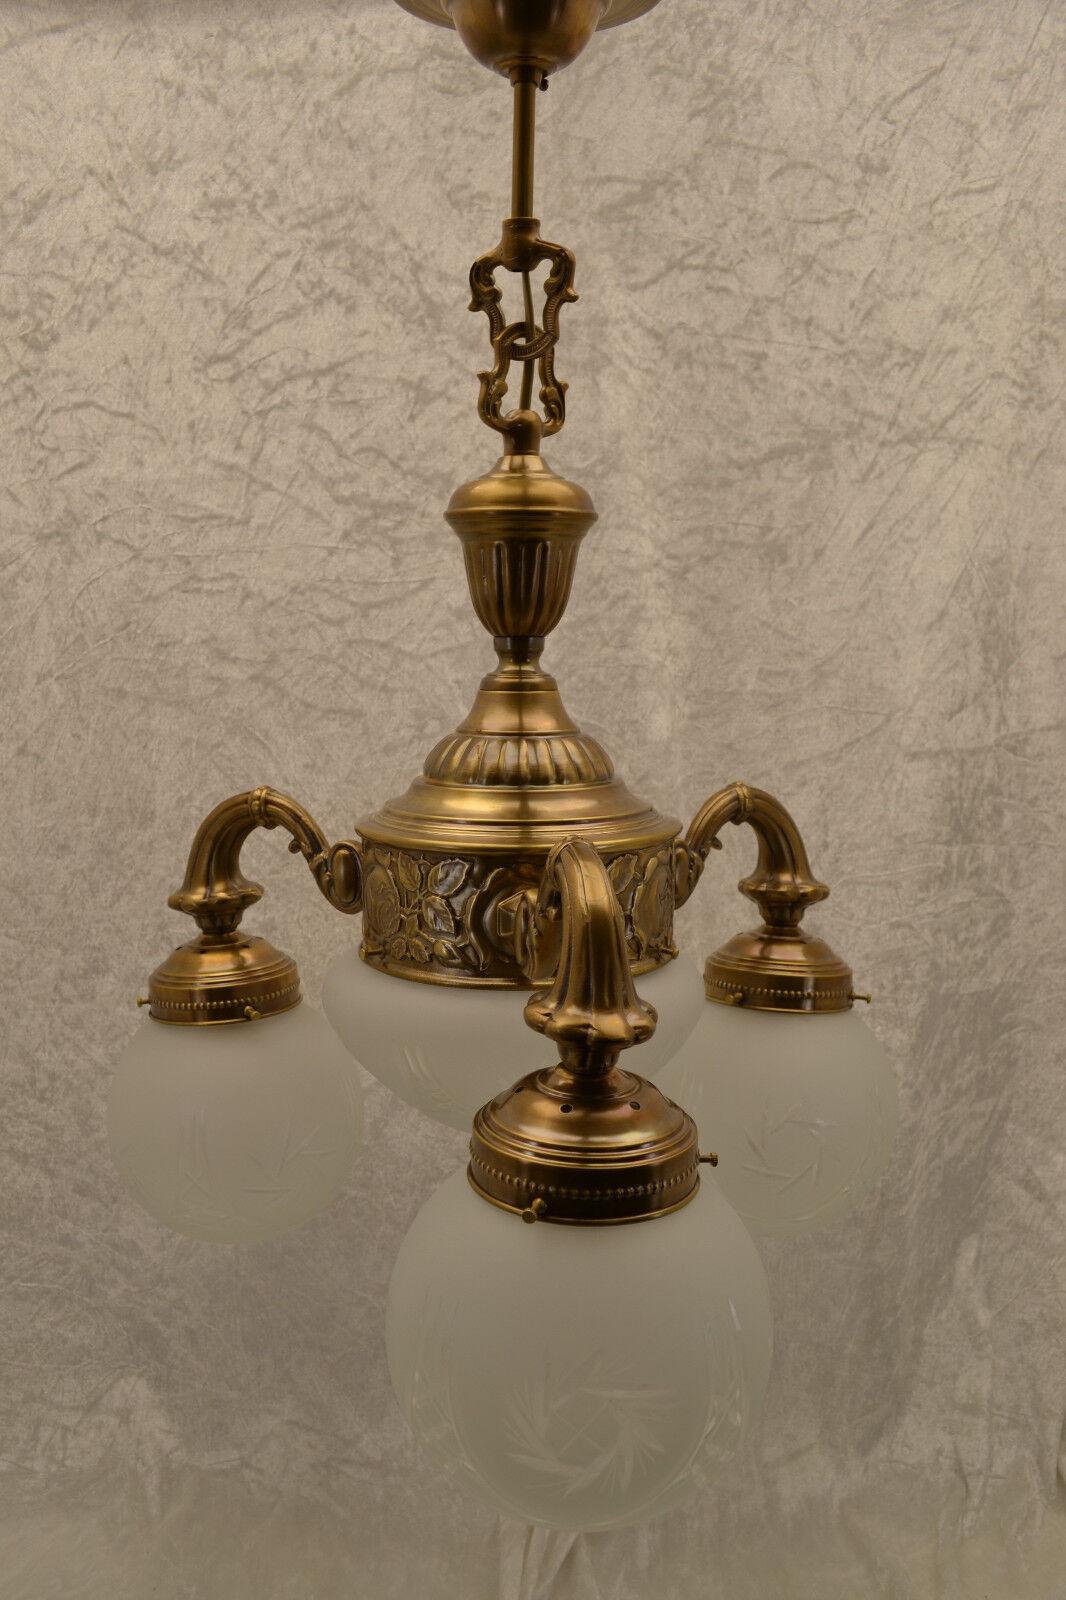 Kronleuchter Messing 4 flammig.   mit Porzellanfassungen und Kristallglas